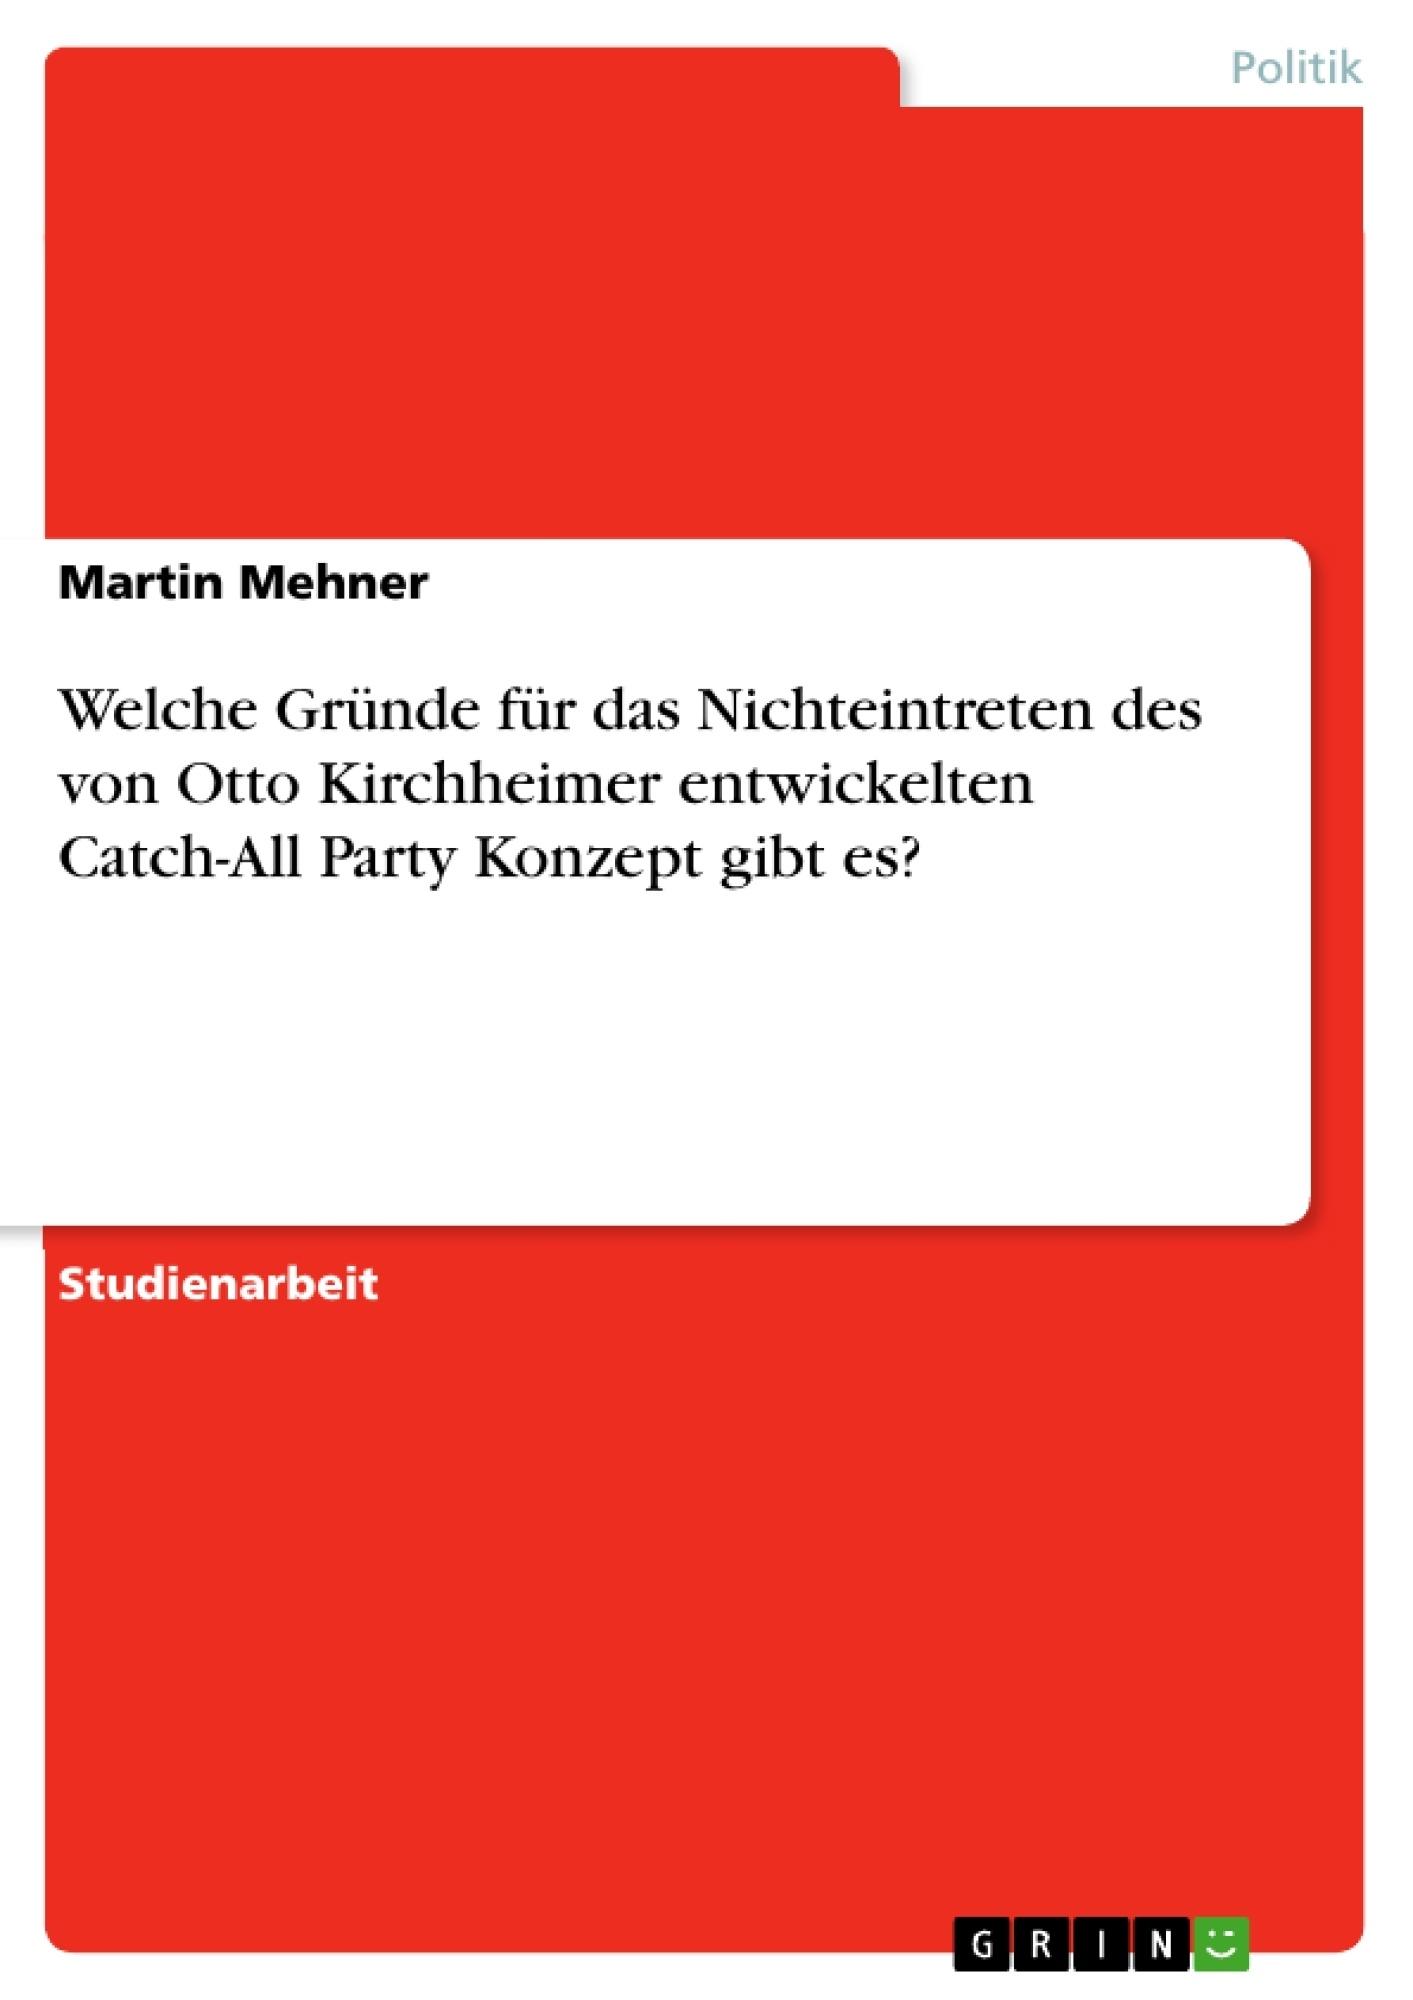 Titel: Welche Gründe für das Nichteintreten des von Otto Kirchheimer entwickelten Catch-All Party Konzept gibt es?